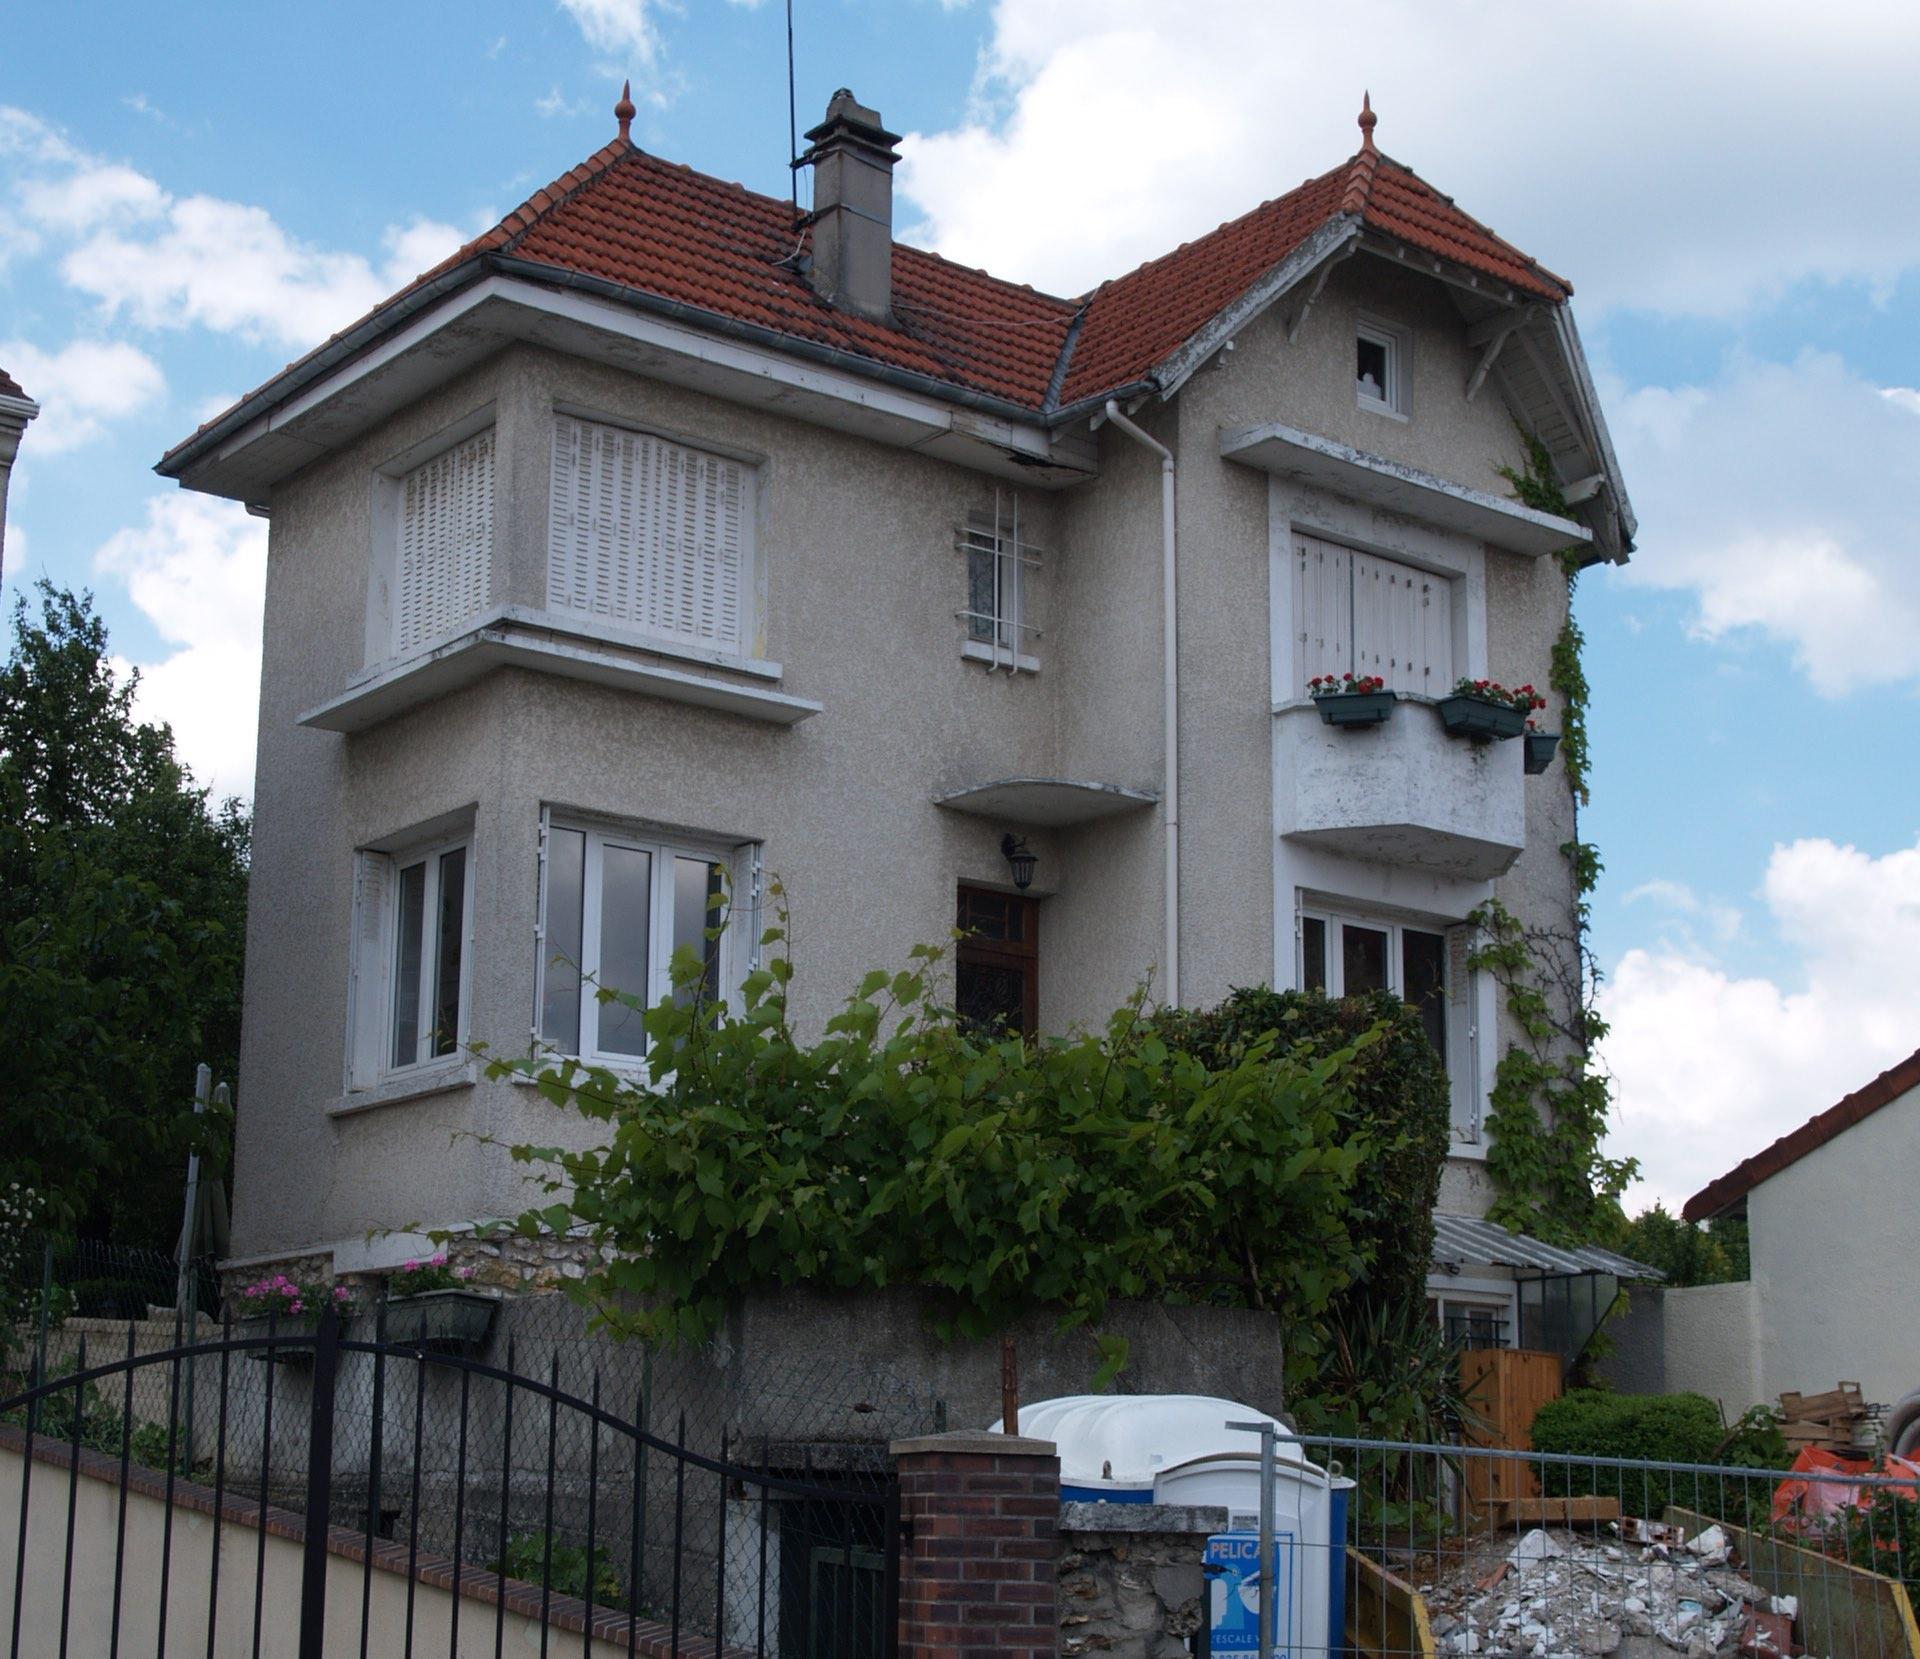 Maison ancienne avant renovation